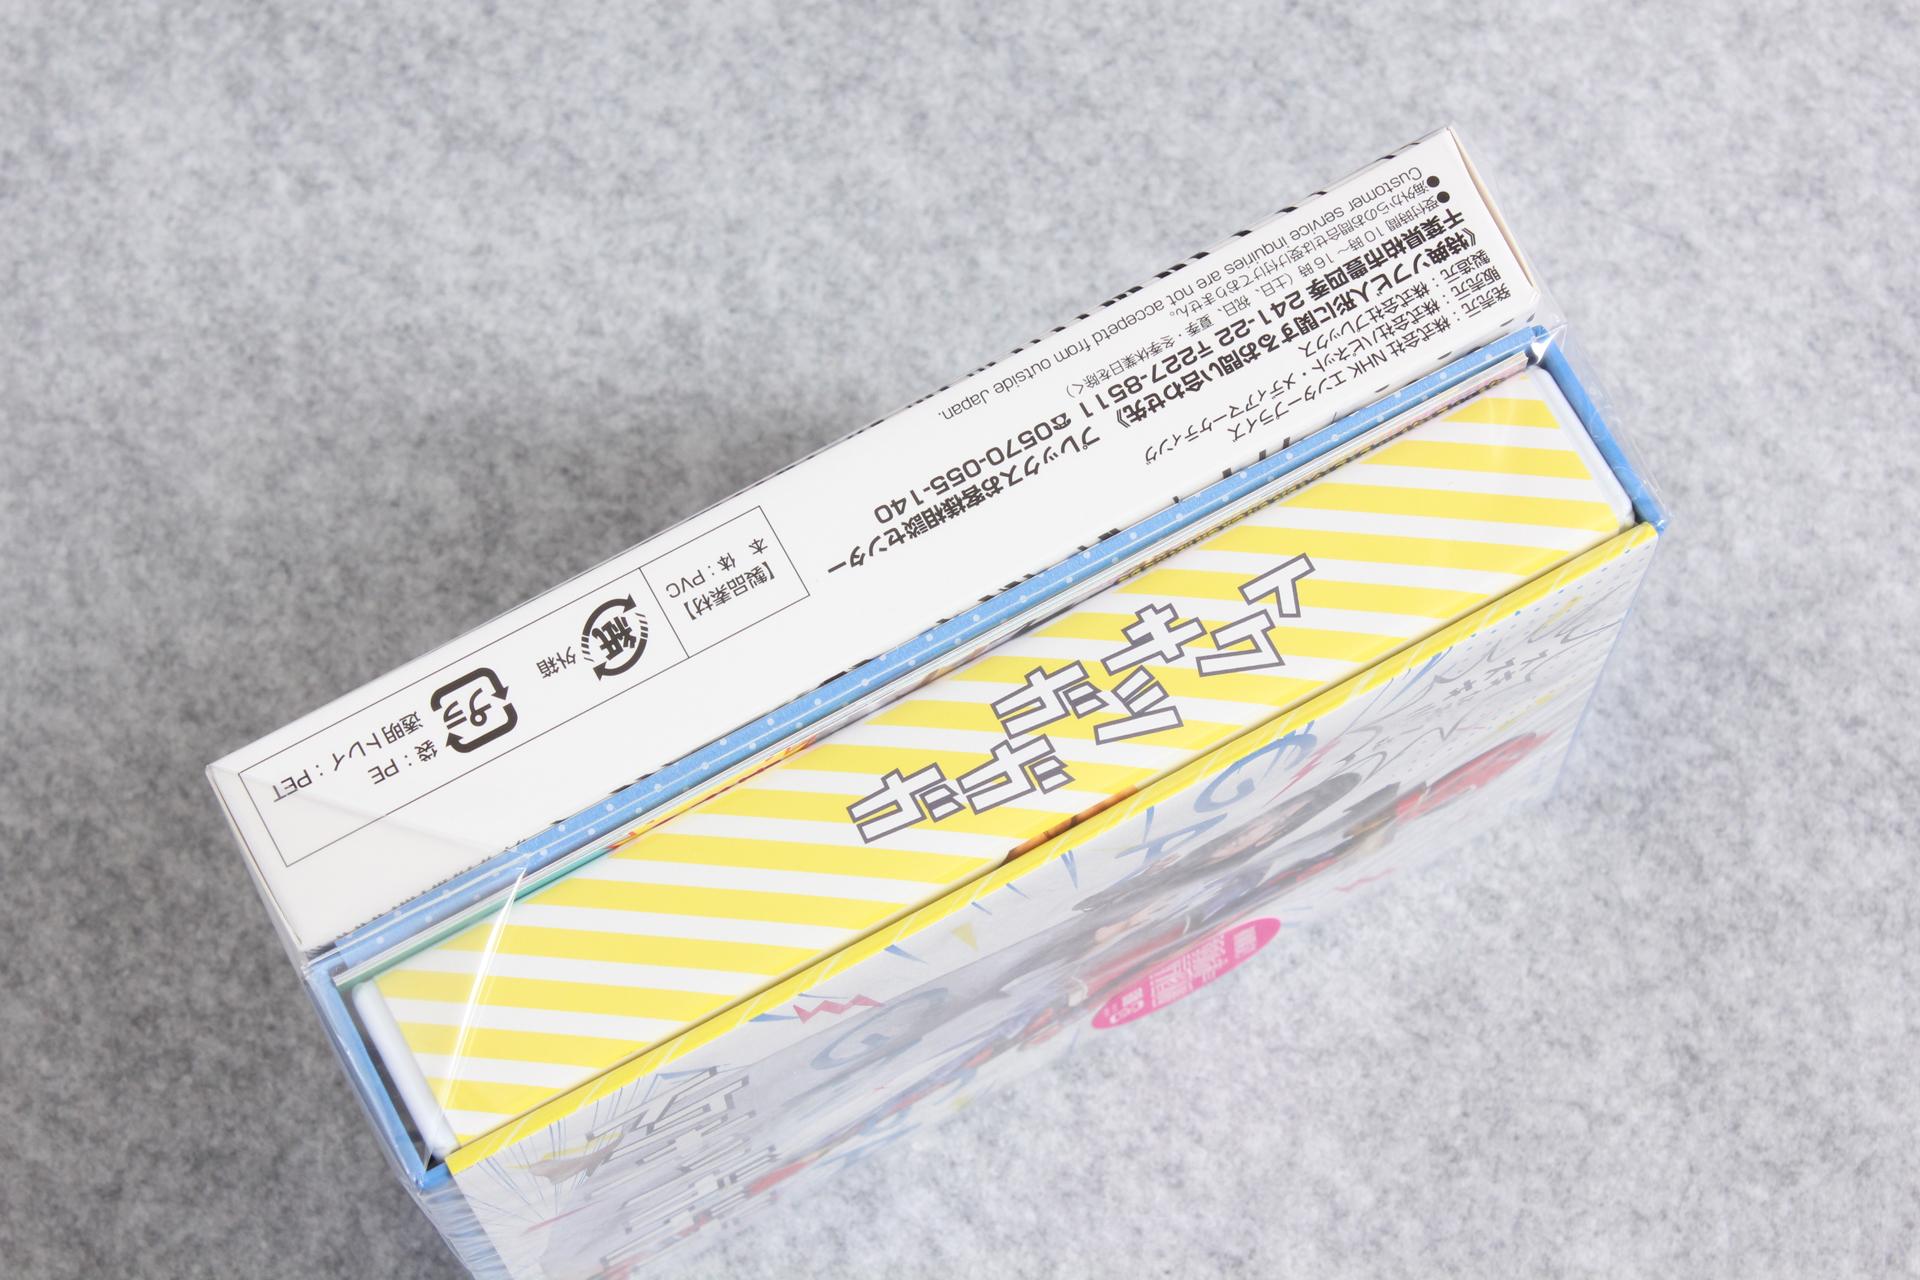 2019-09-02-TOKUSATSUGAGAGA-BD-04.JPG